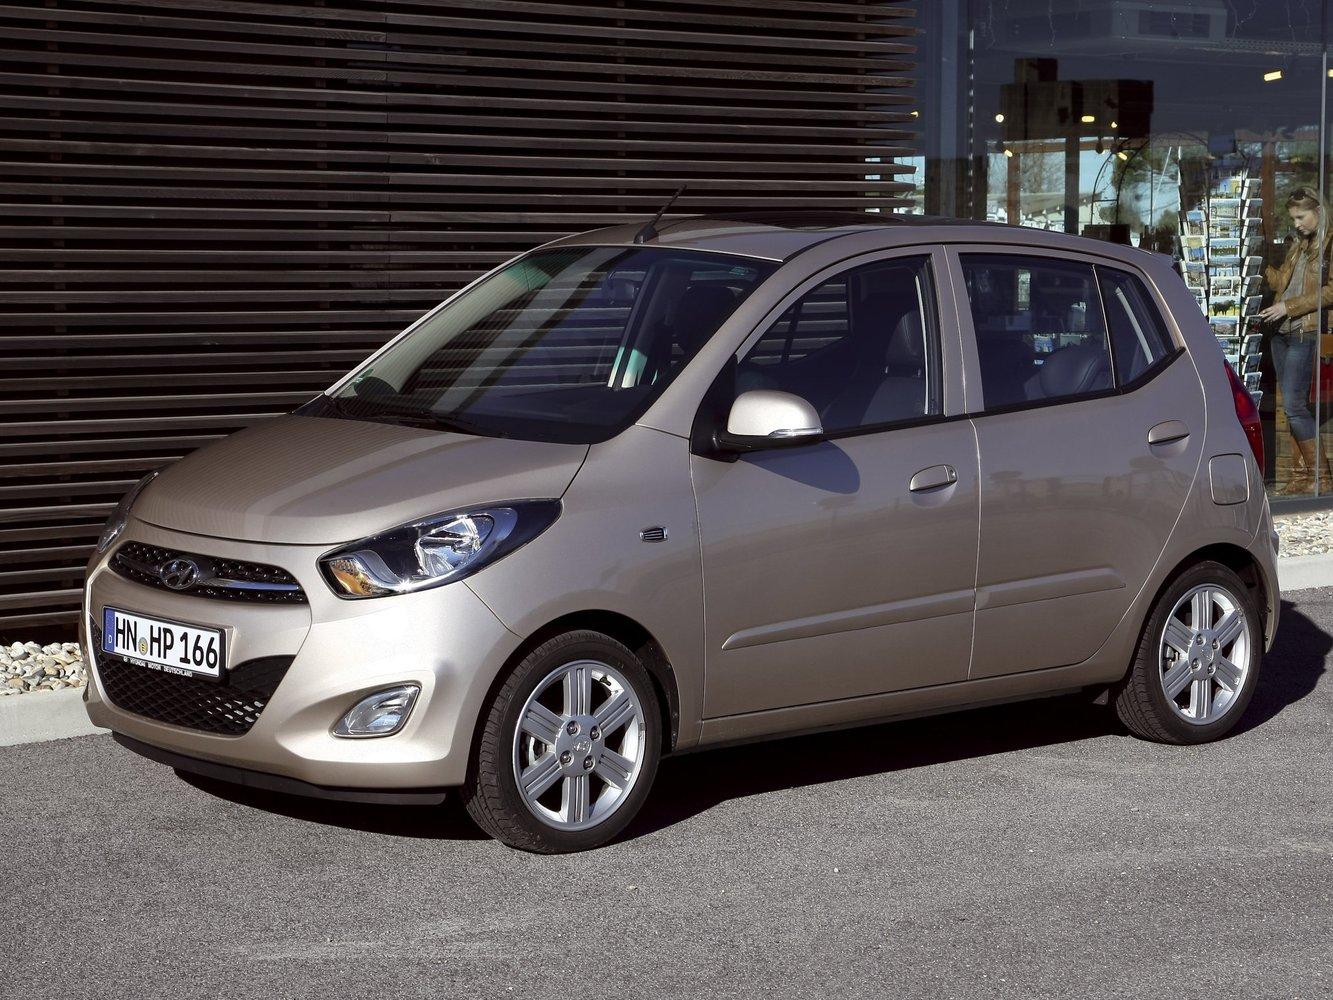 hyundai Hyundai i10